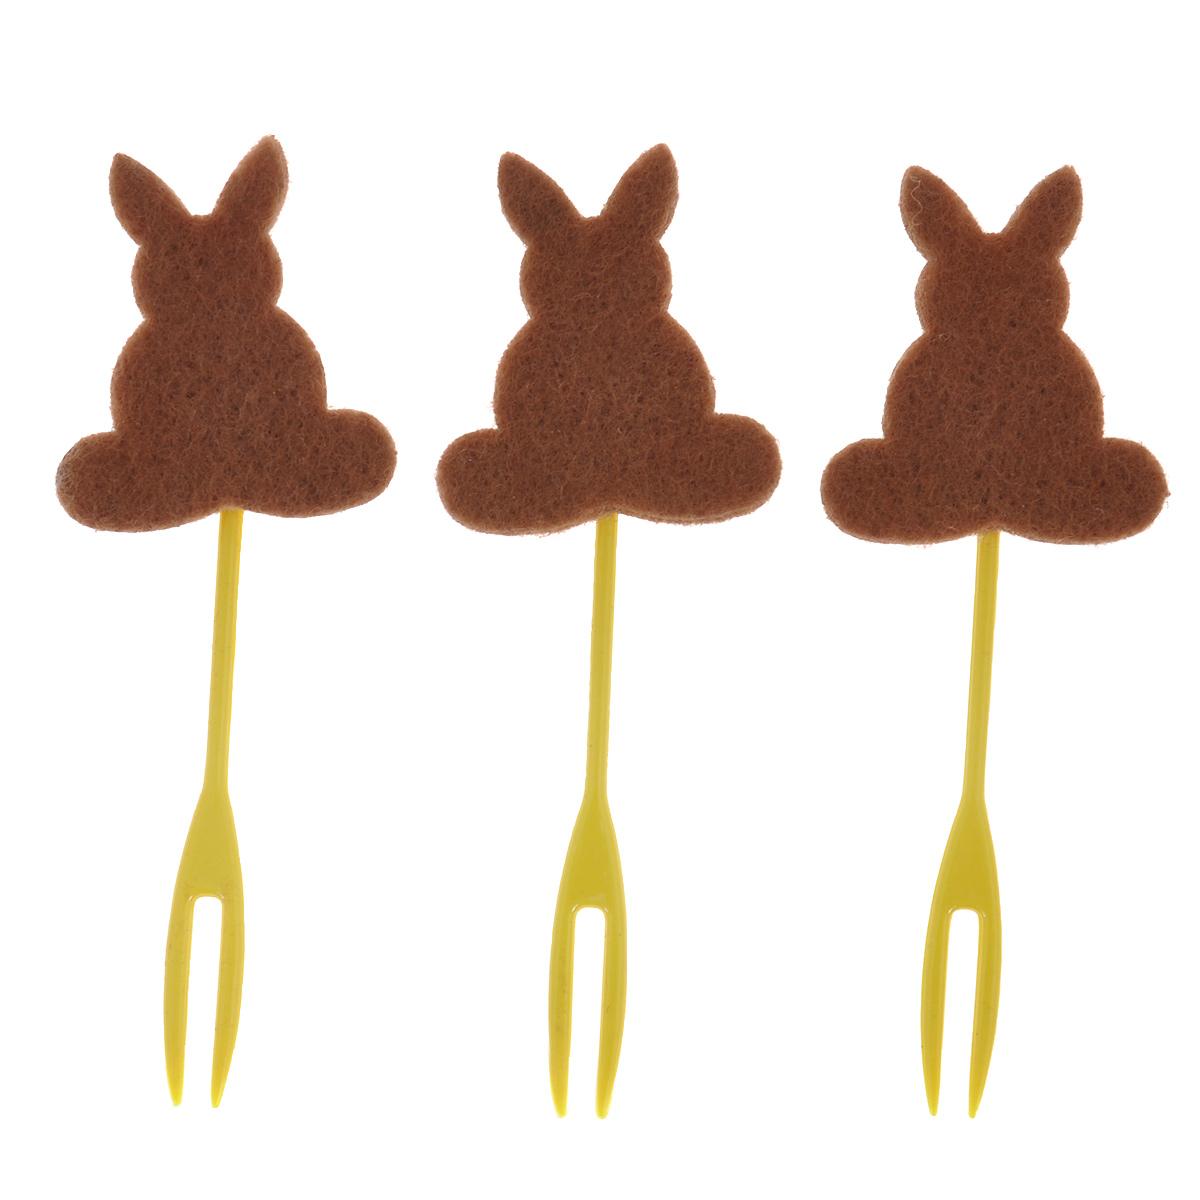 Набор декоративных вилочек Home Queen Кролик для украшения кулича, цвет: коричневый, длина 10 см, 3 шт60722коричневыйНабор Home Queen Кролик, изготовленный из пластика и фетра, состоит из трехдекоративных вилочек, предназначенных для украшения пасхального кулича.Изделия декорированы фигурками кроликов. Такой набор прекрасно дополнит оформление праздничного стола на Пасху.Размер фигурки: 4 см х 4 см.